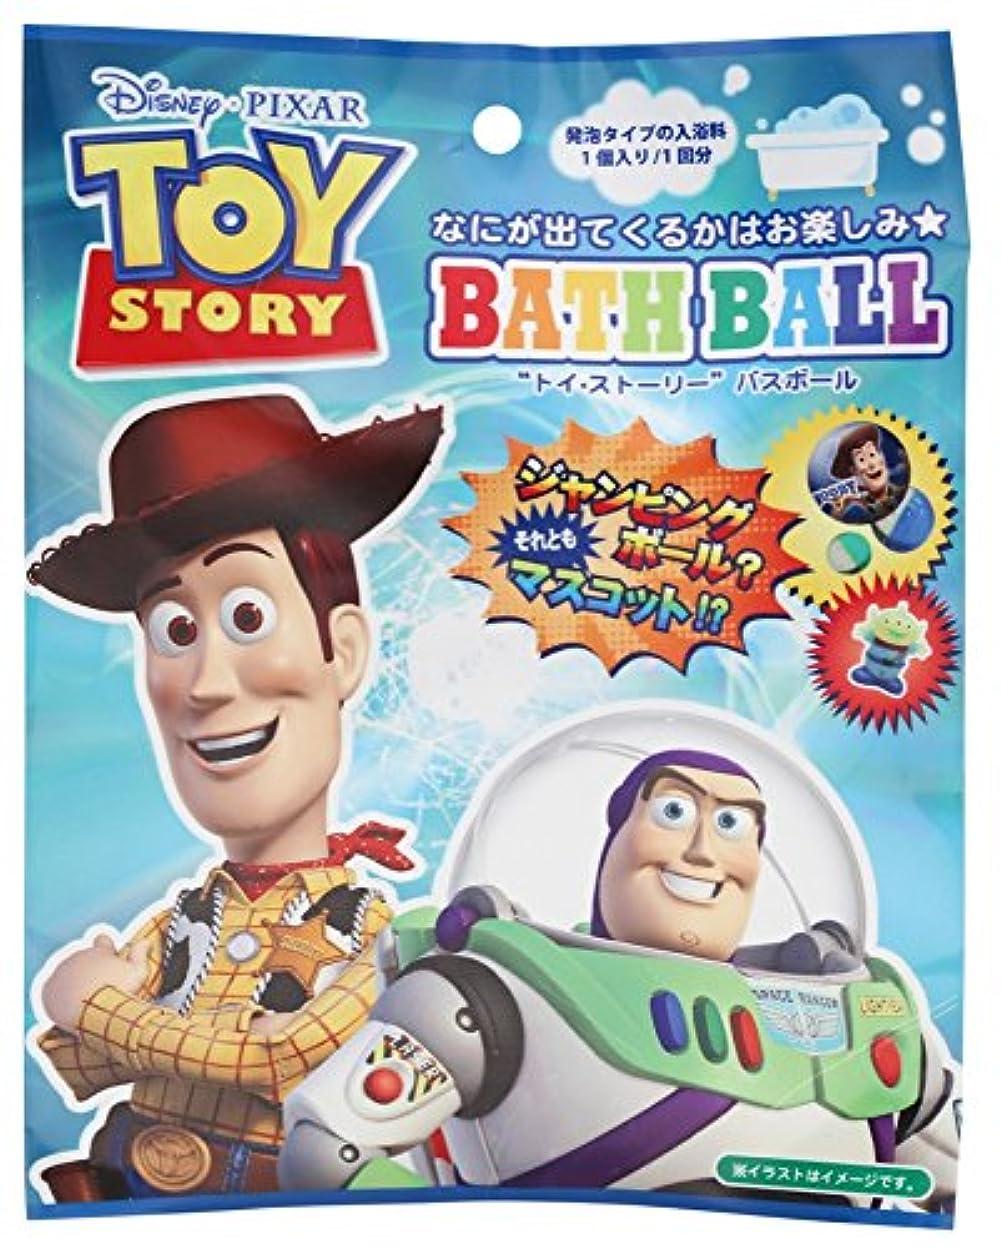 タービン十代養うディズニー 入浴剤 トイストーリーバスボール おまけ付き DIP-80-01